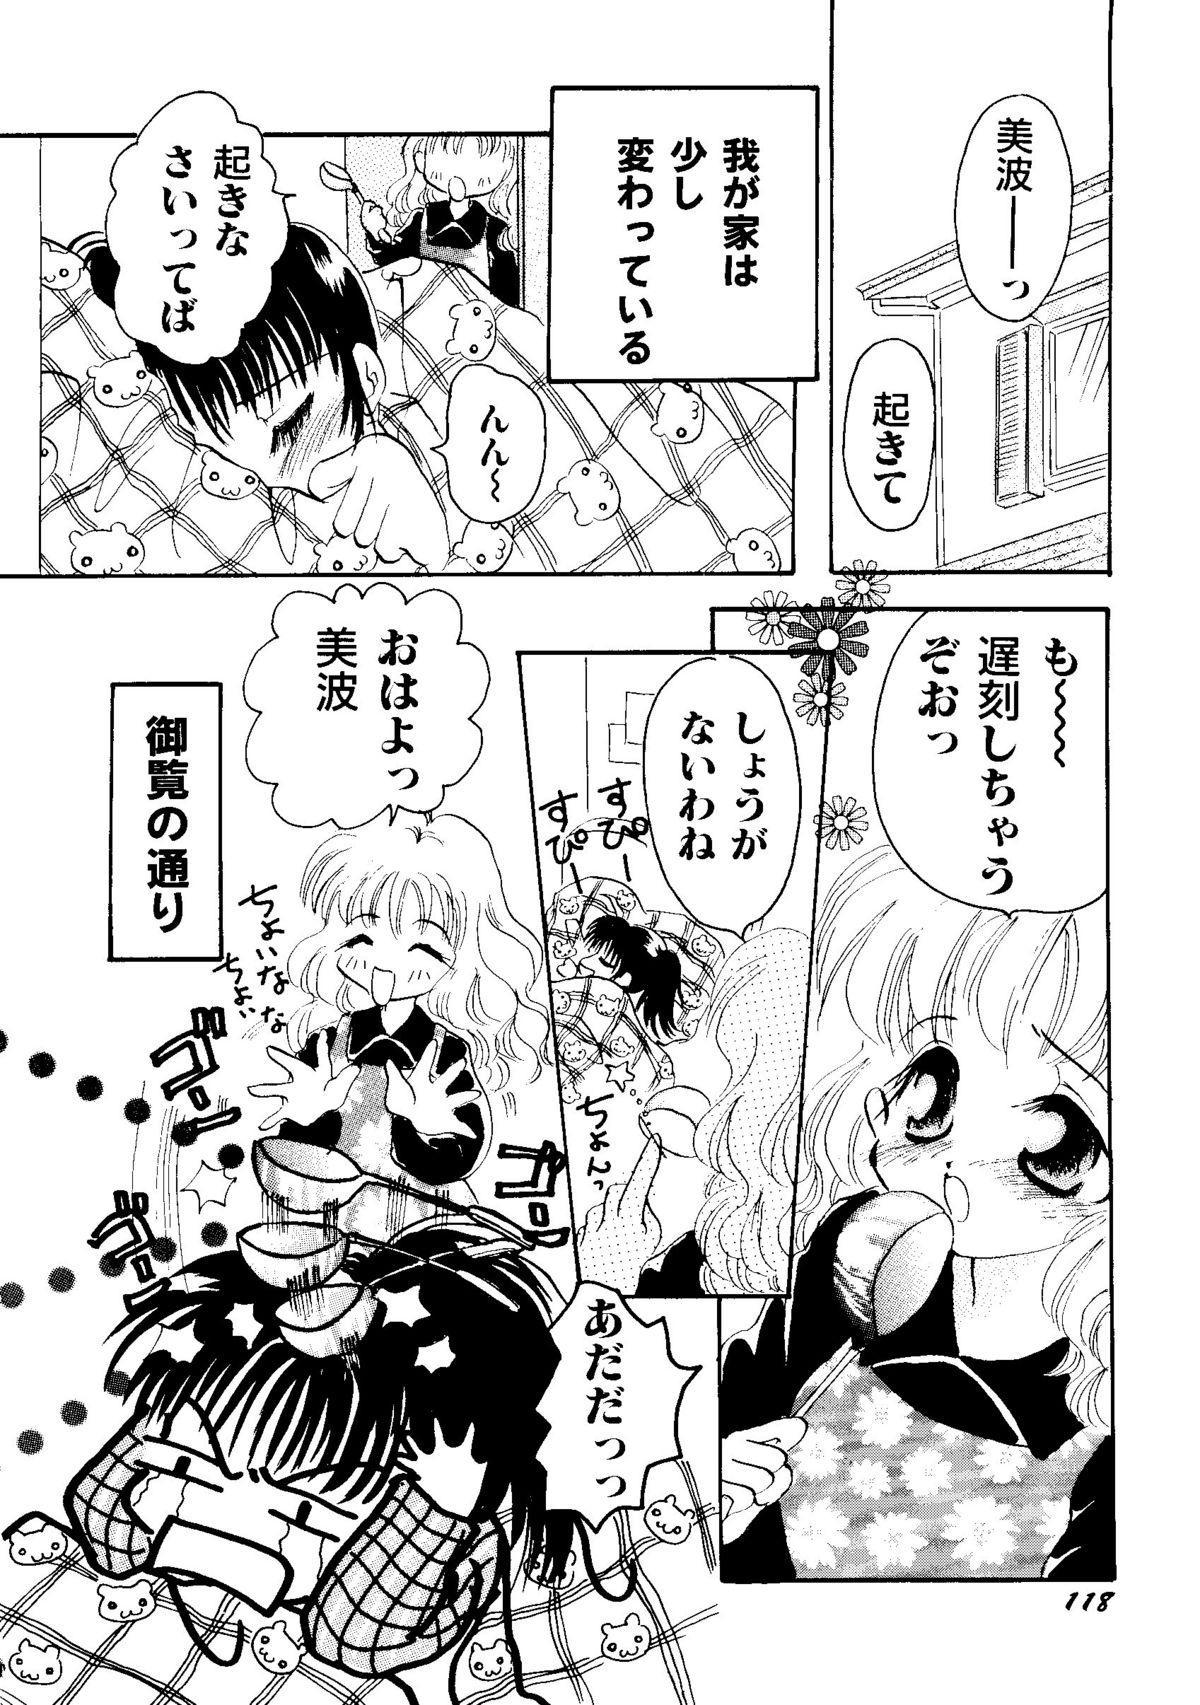 Bishoujo Doujinshi Anthology Cute 2 119